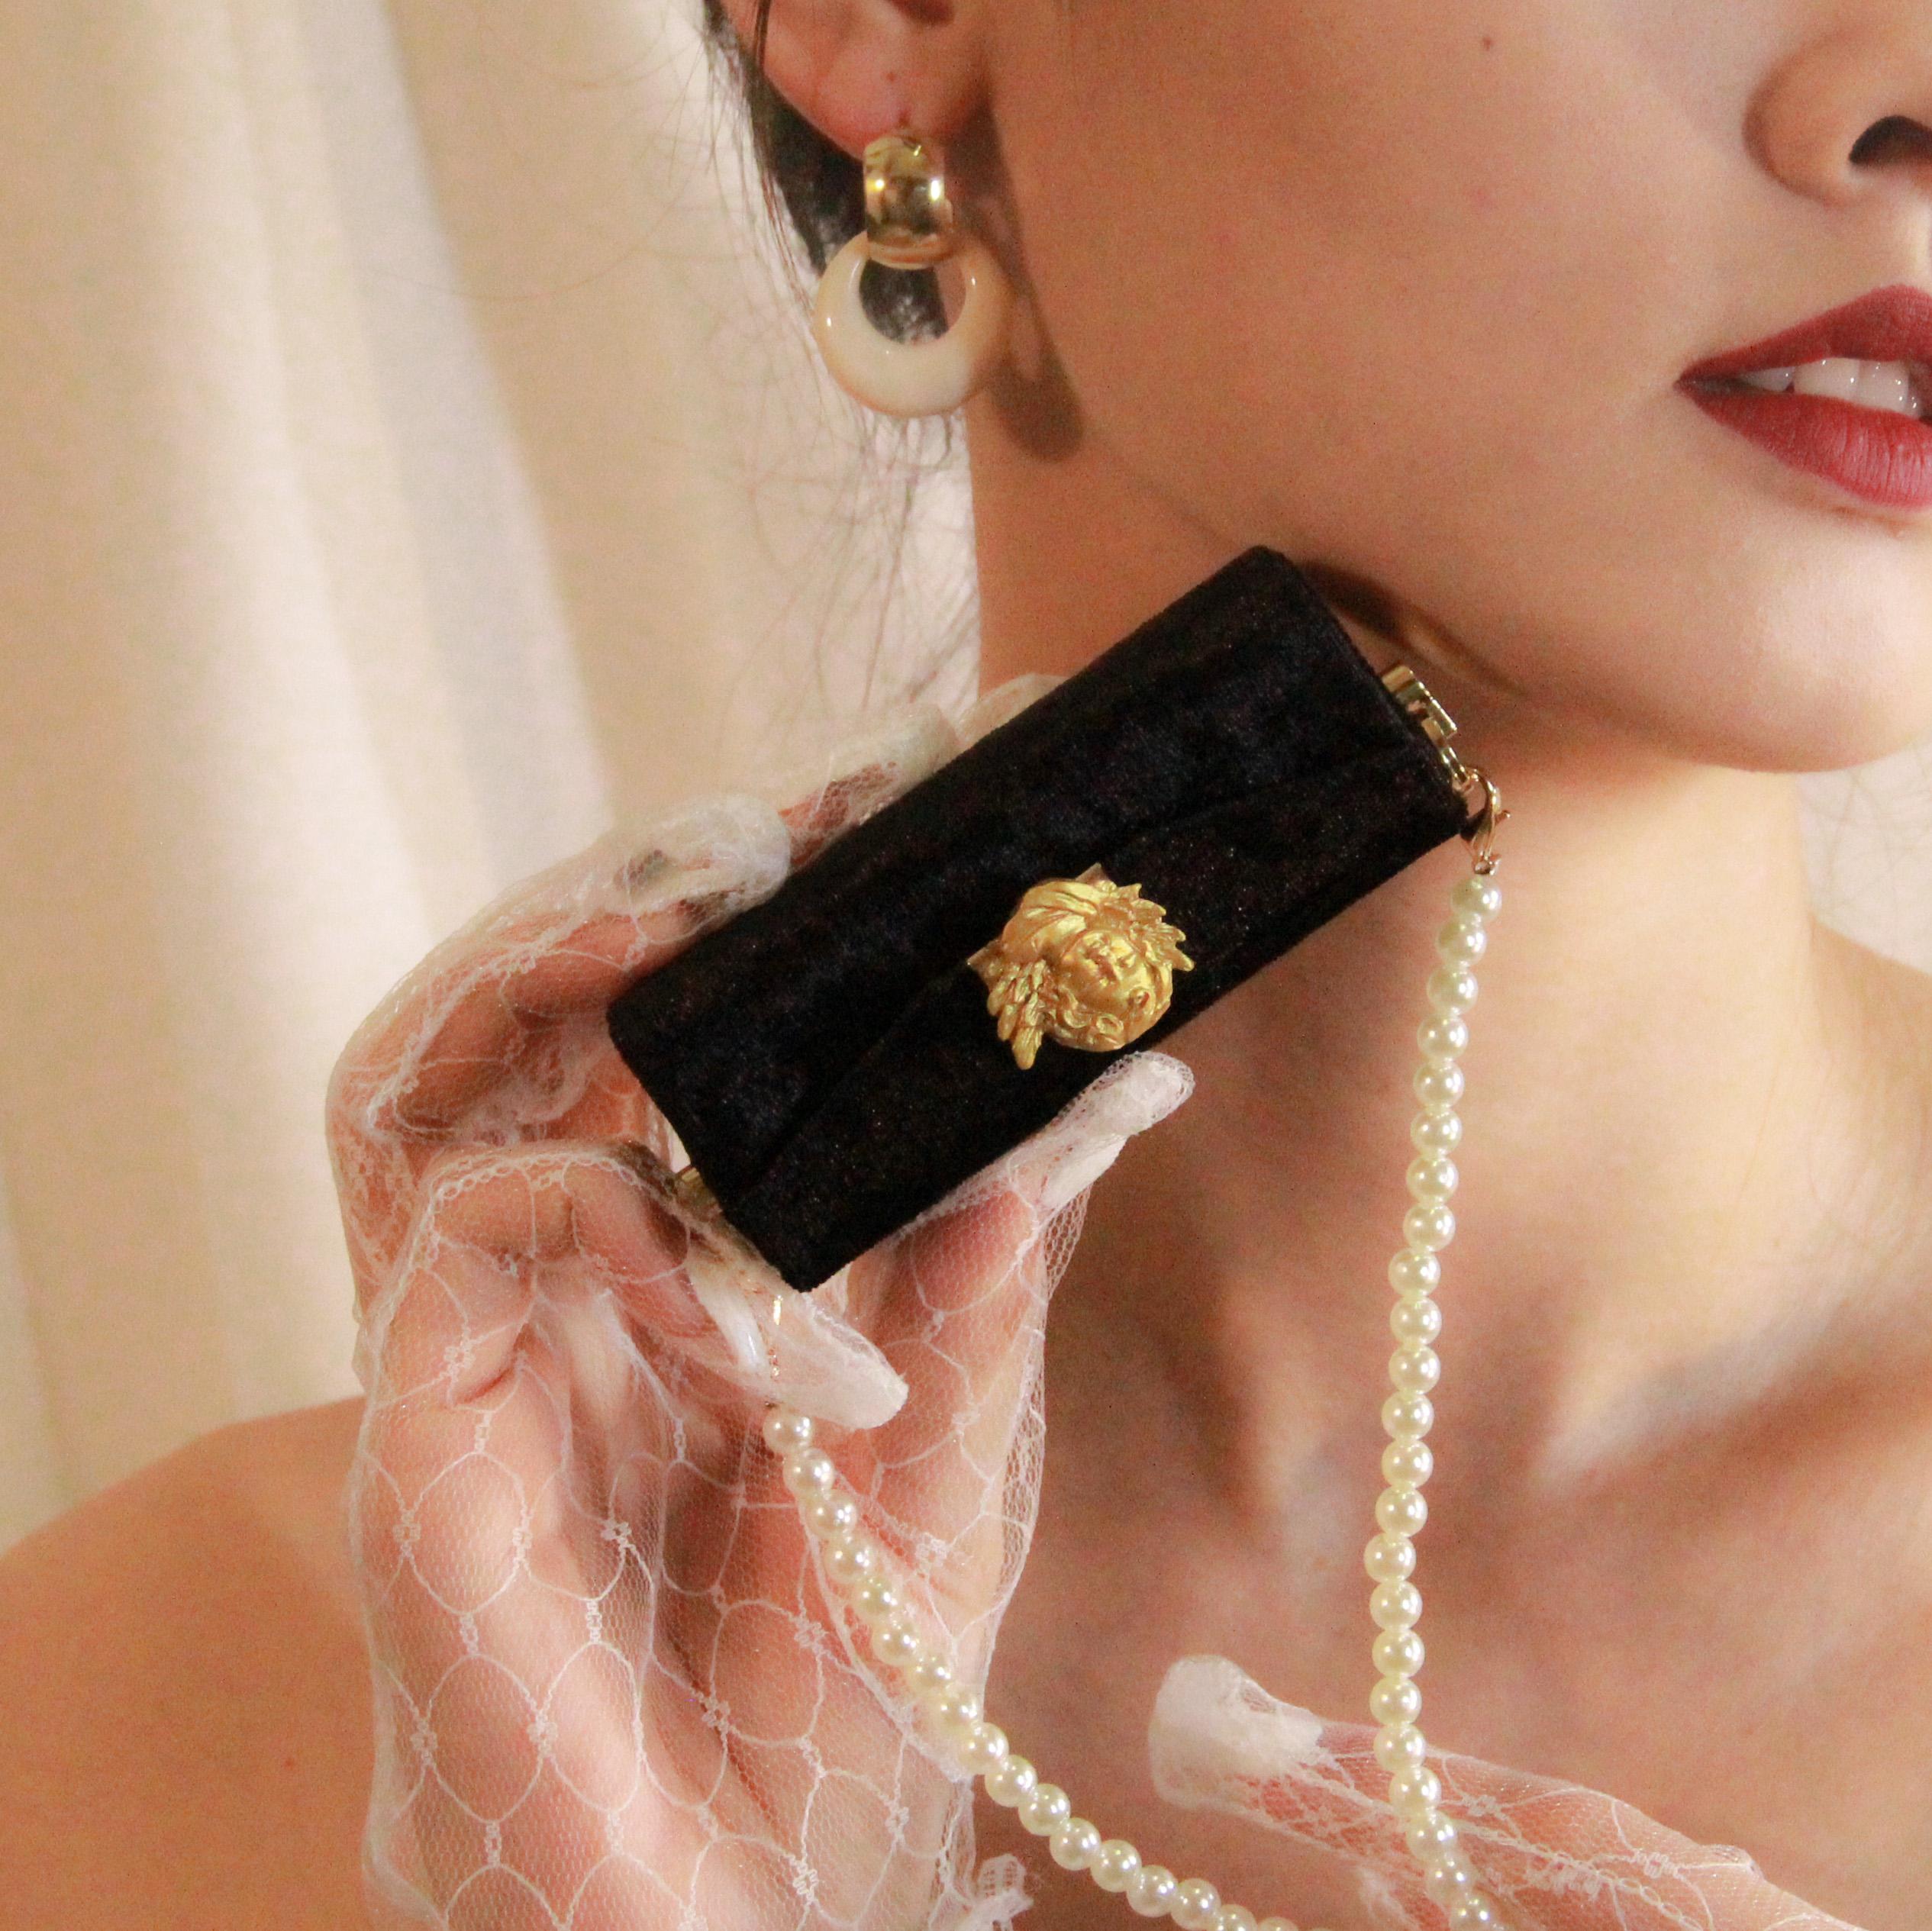 黑色链条包 021-2黑色珍珠链条口红包便携口红盒送女孩礼物精致时尚复古风格_推荐淘宝好看的黑色链条包